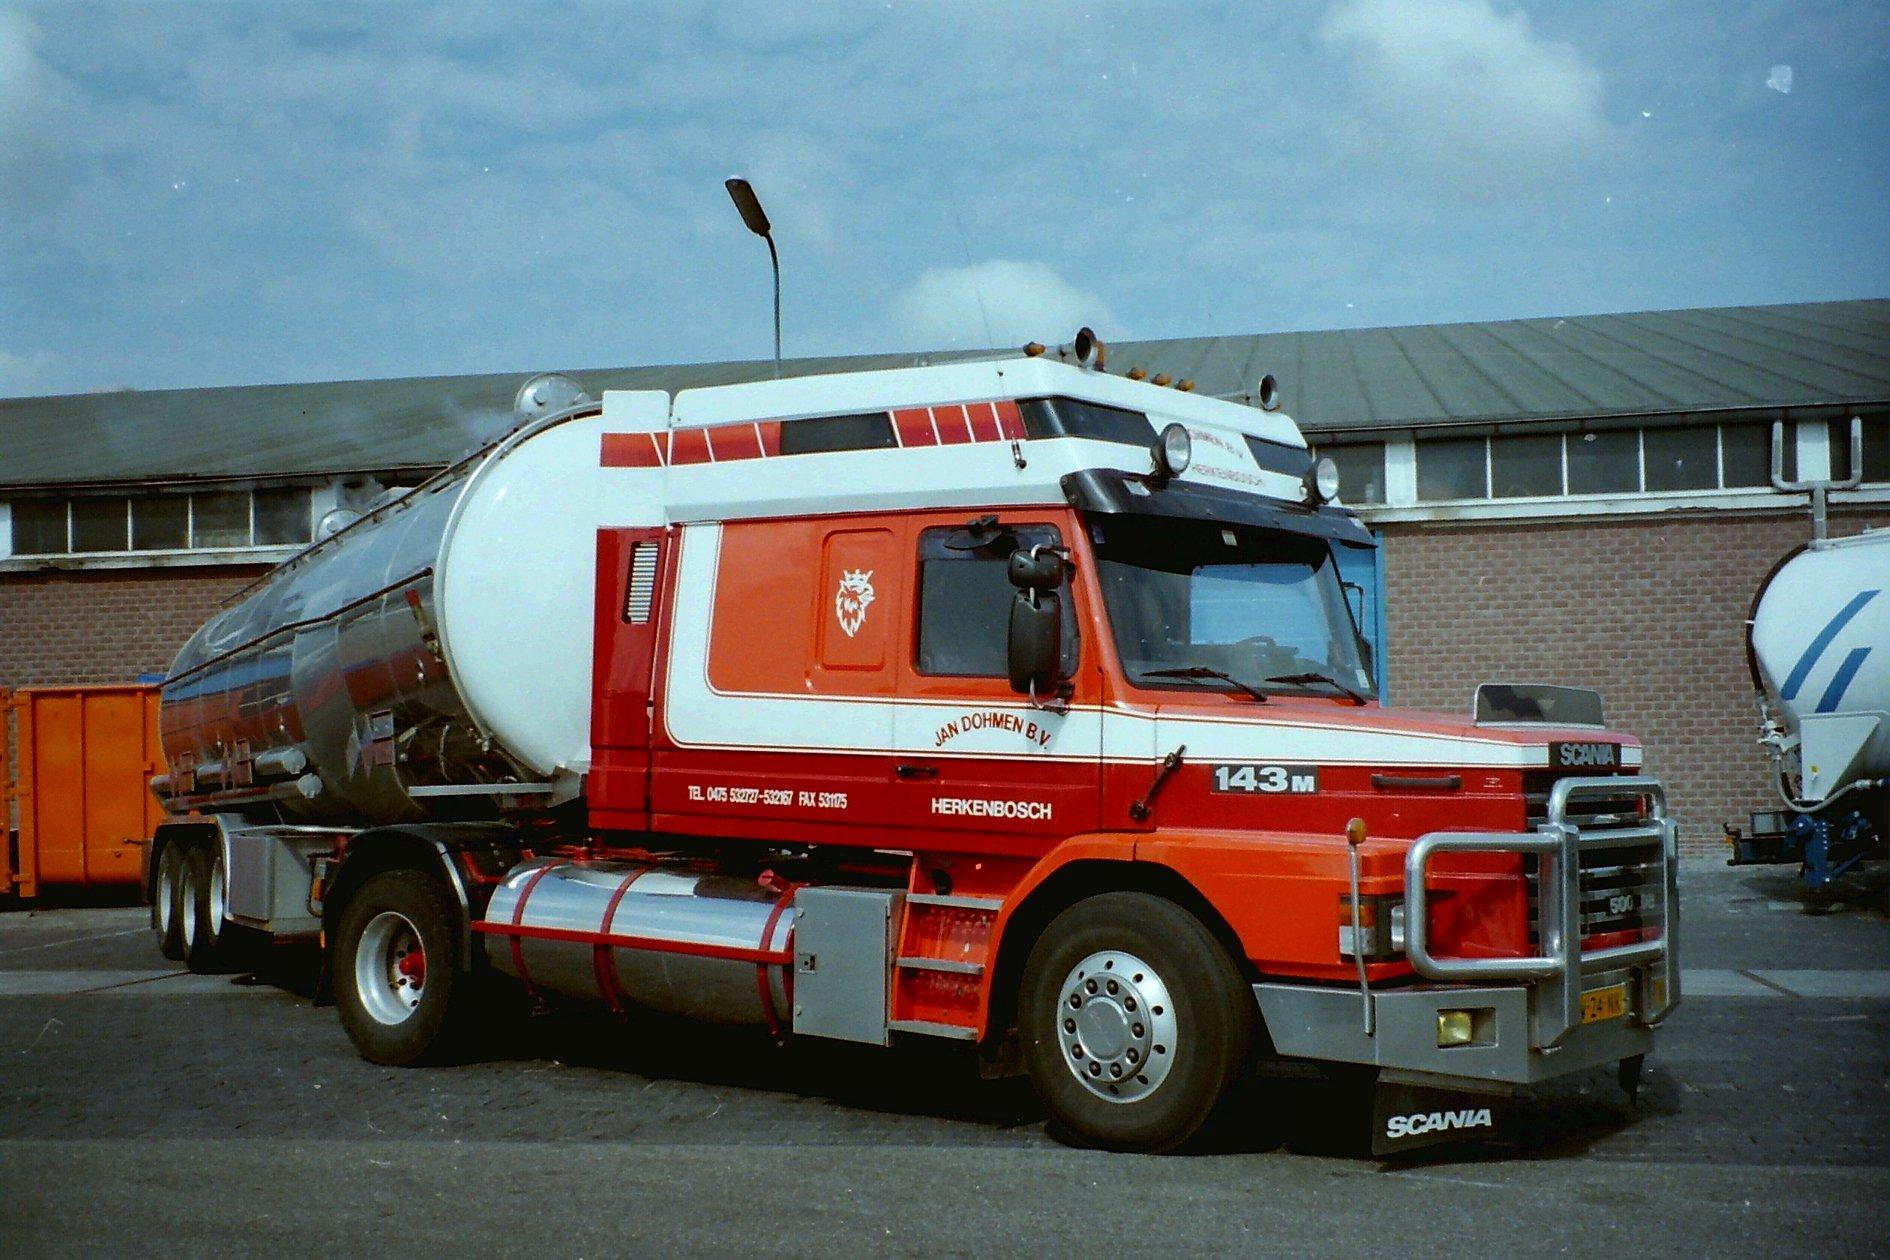 Scania--143-M--Harm-Meijers-chauffeur-